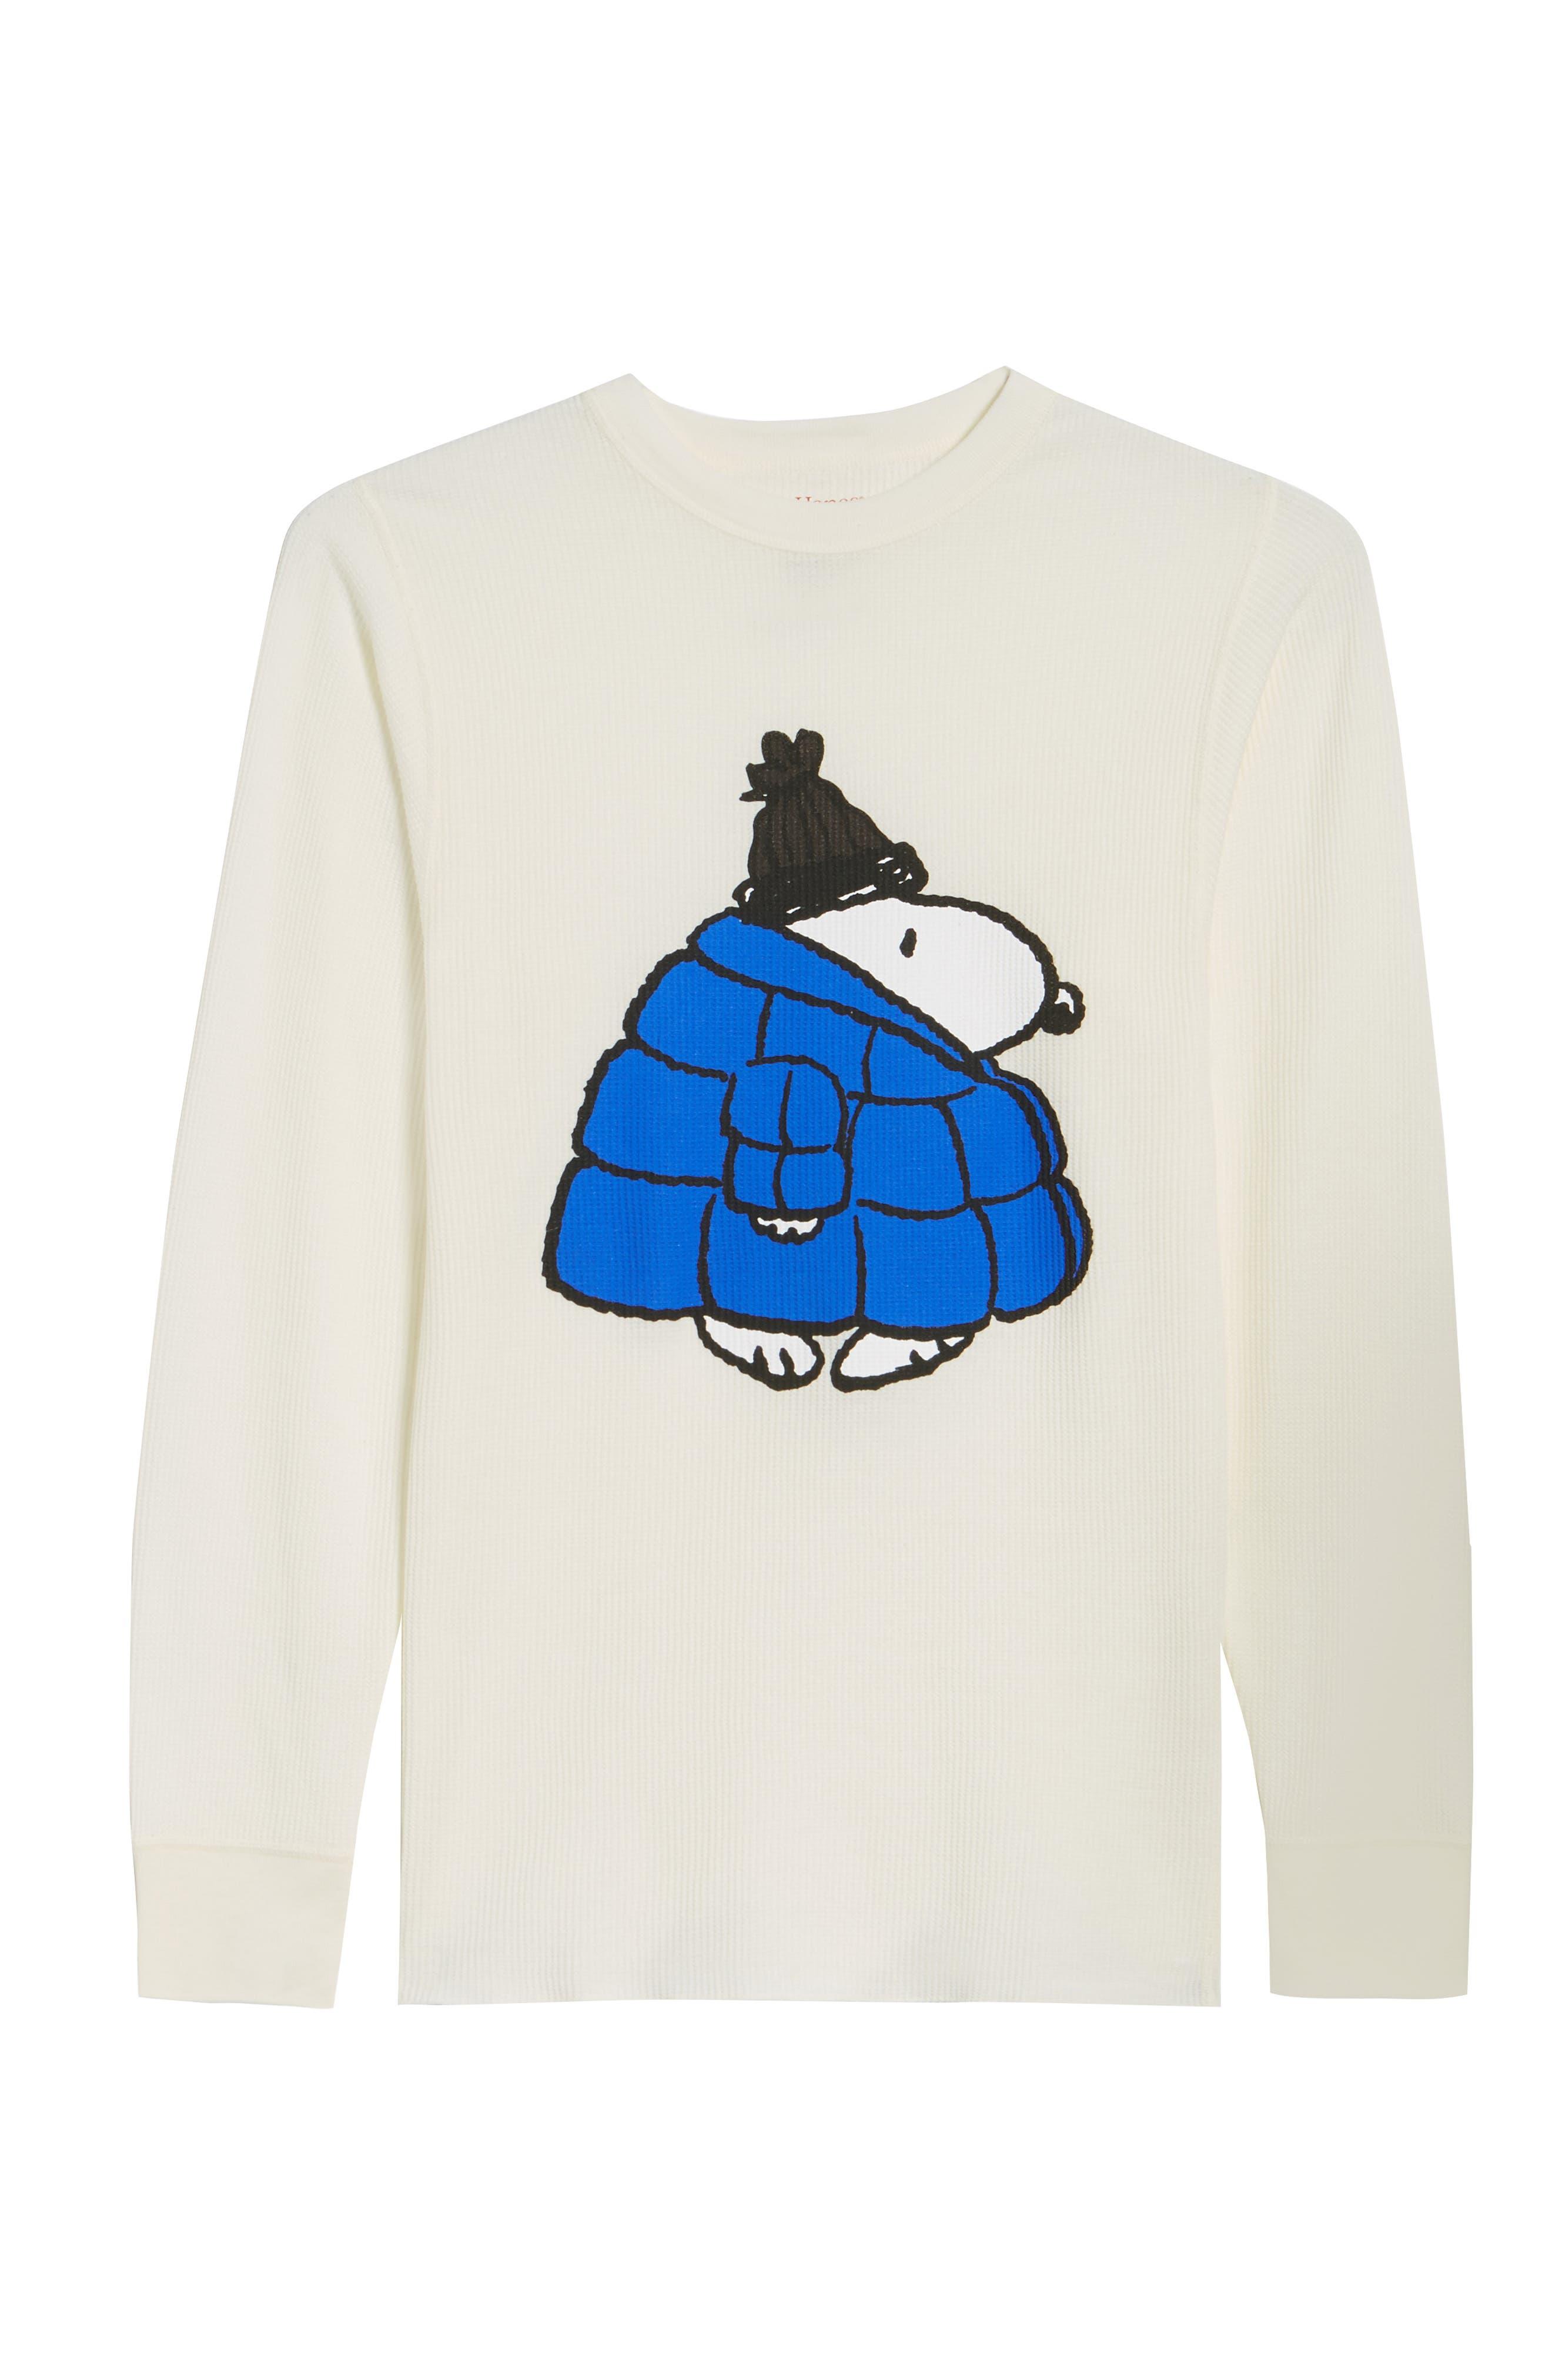 Peanuts Snoopy Coat T-Shirt